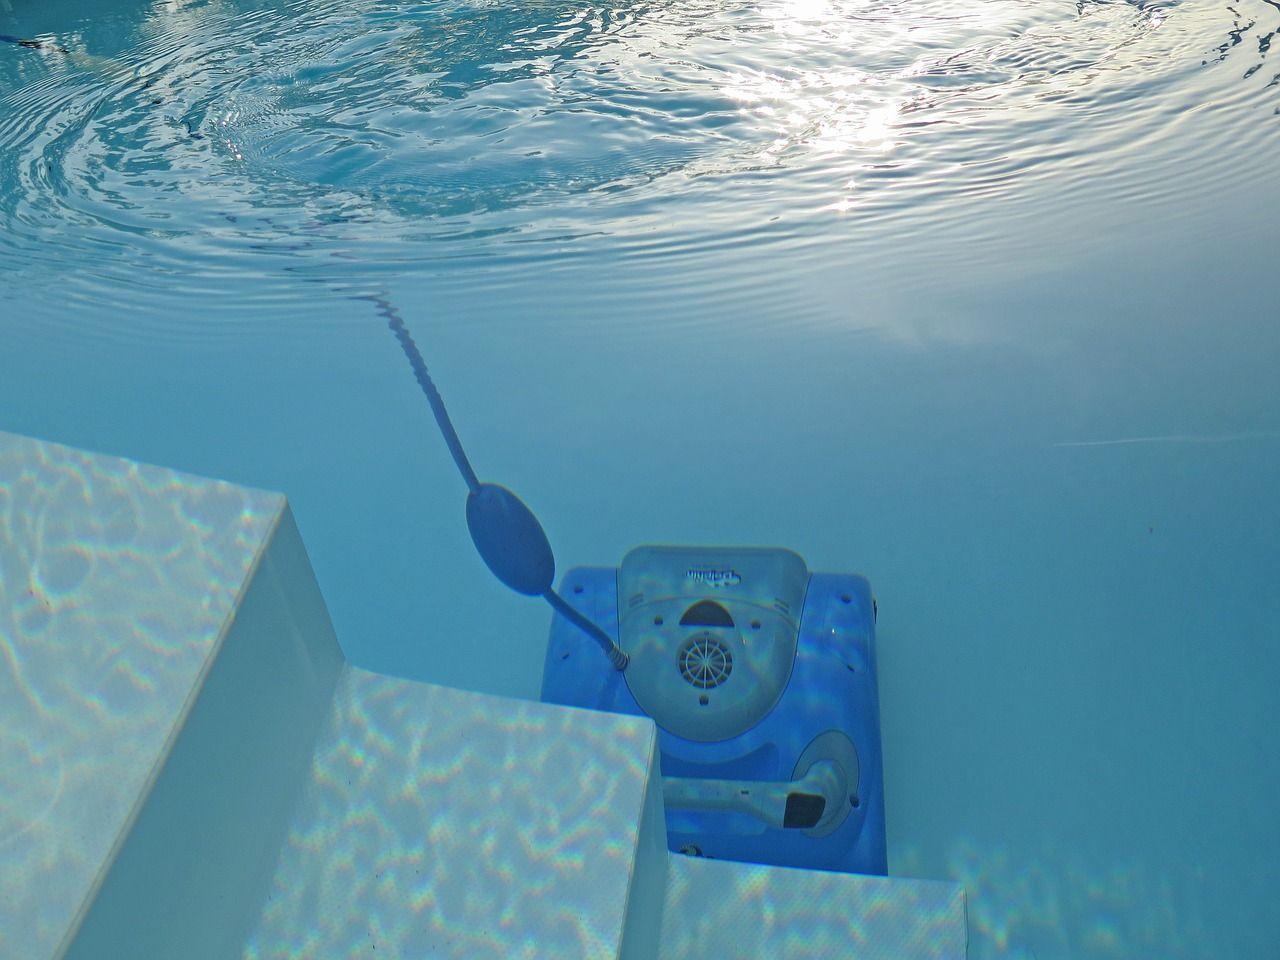 Akcesoria do basenów, które pomogą utrzymać wodę w czystości przez długi czas